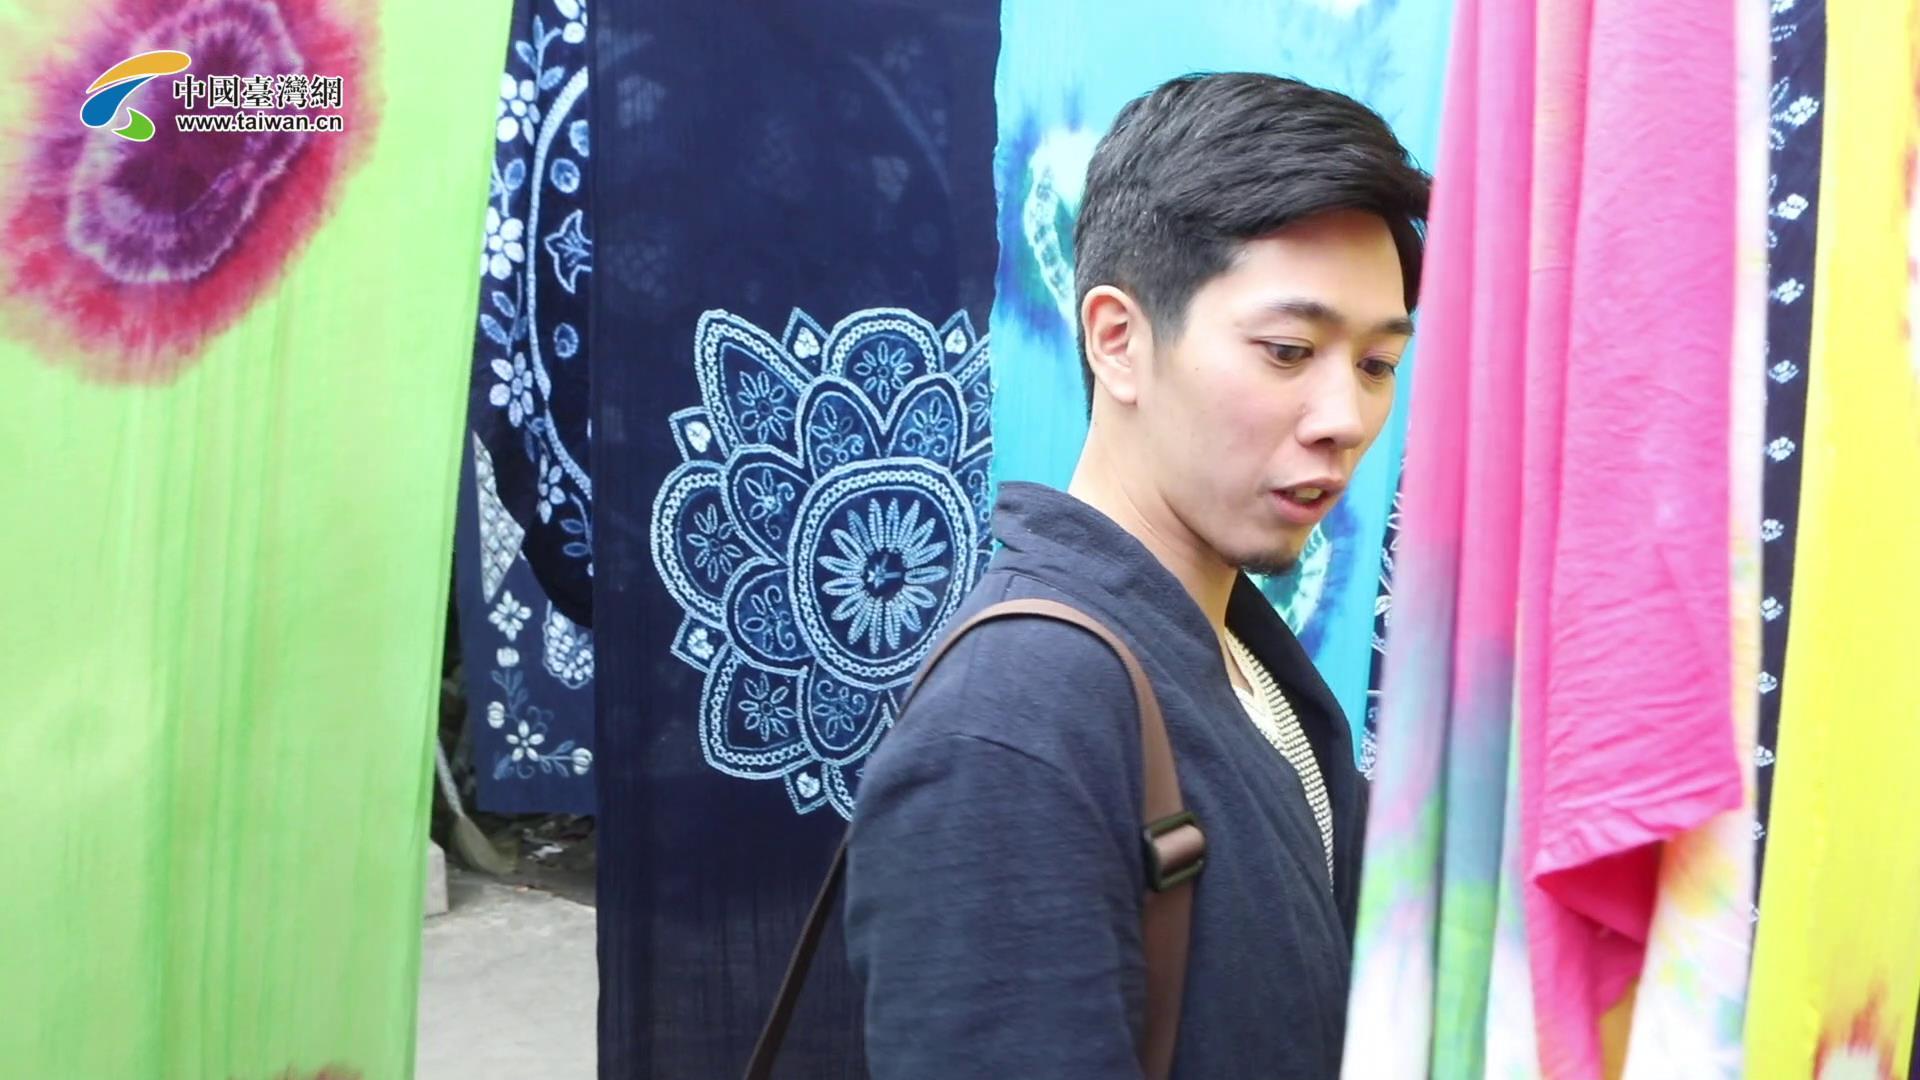 【云南篇】台湾小伙伴探访白族国家非物质文化遗产图片